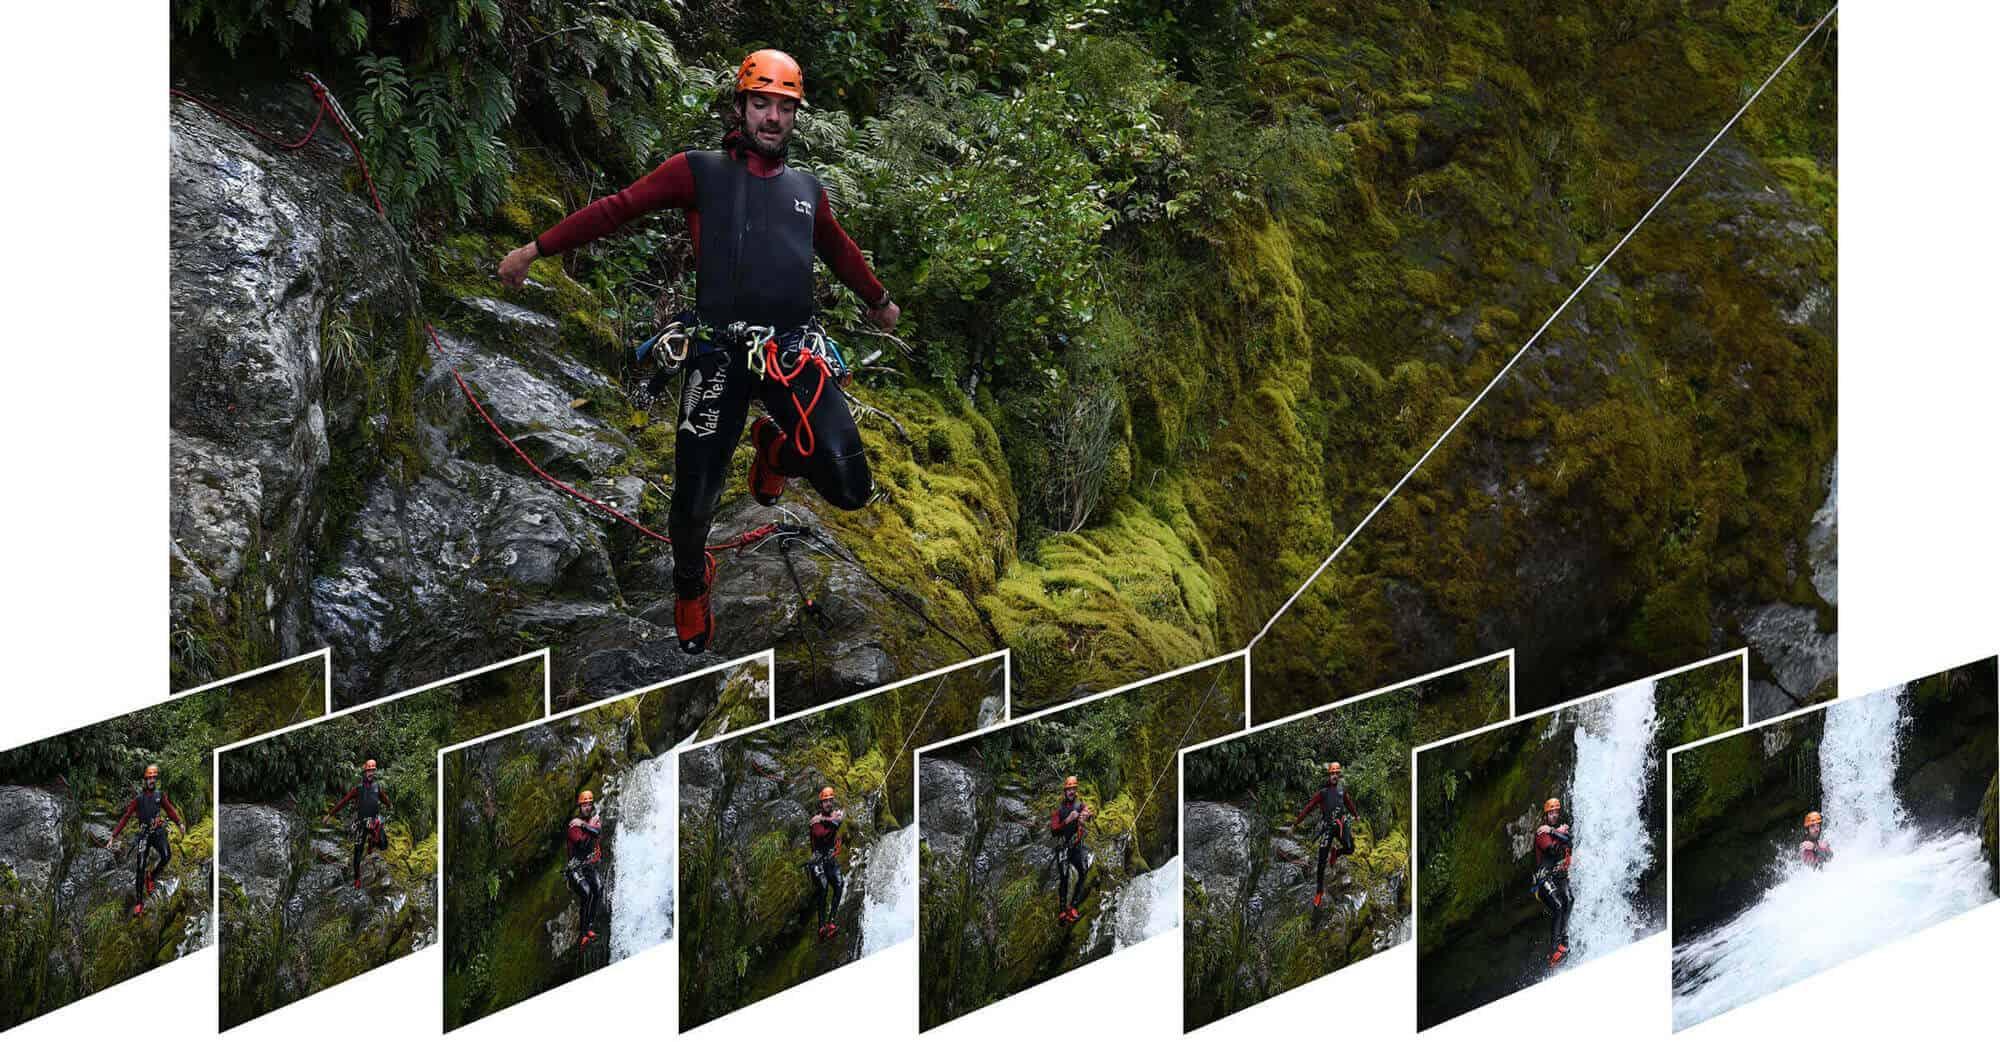 Foto de un hombre saltando desde una cascada y 8 fotos más pequeñas en la parte inferior que muestran la progresión de sus movimientos